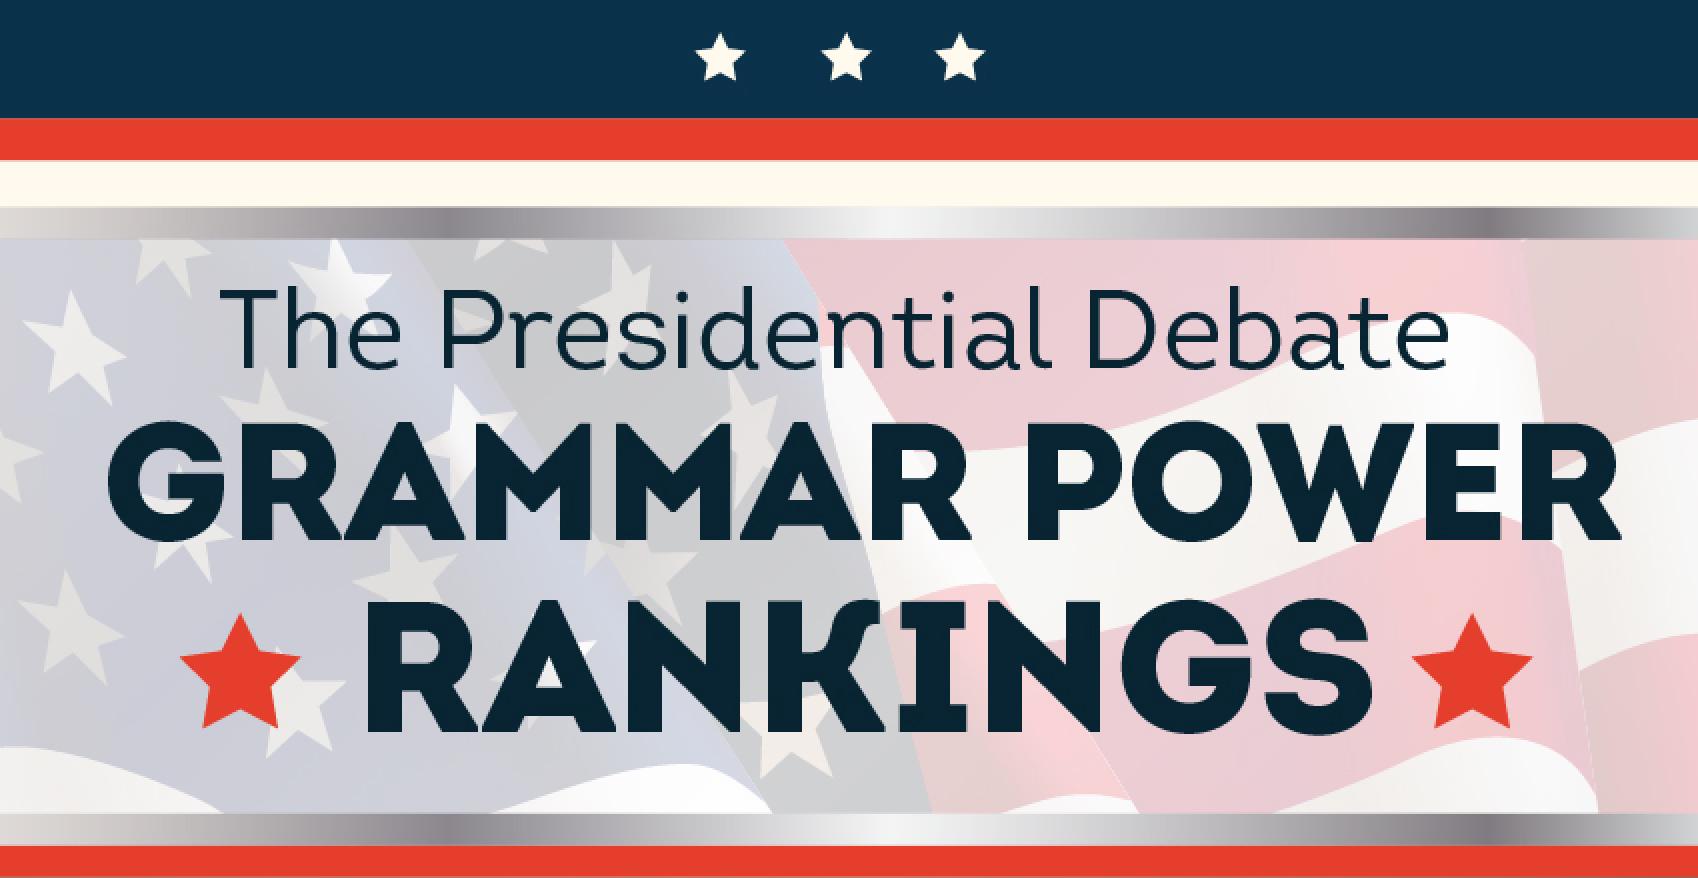 Presidential Debate Grammar Power Rankings